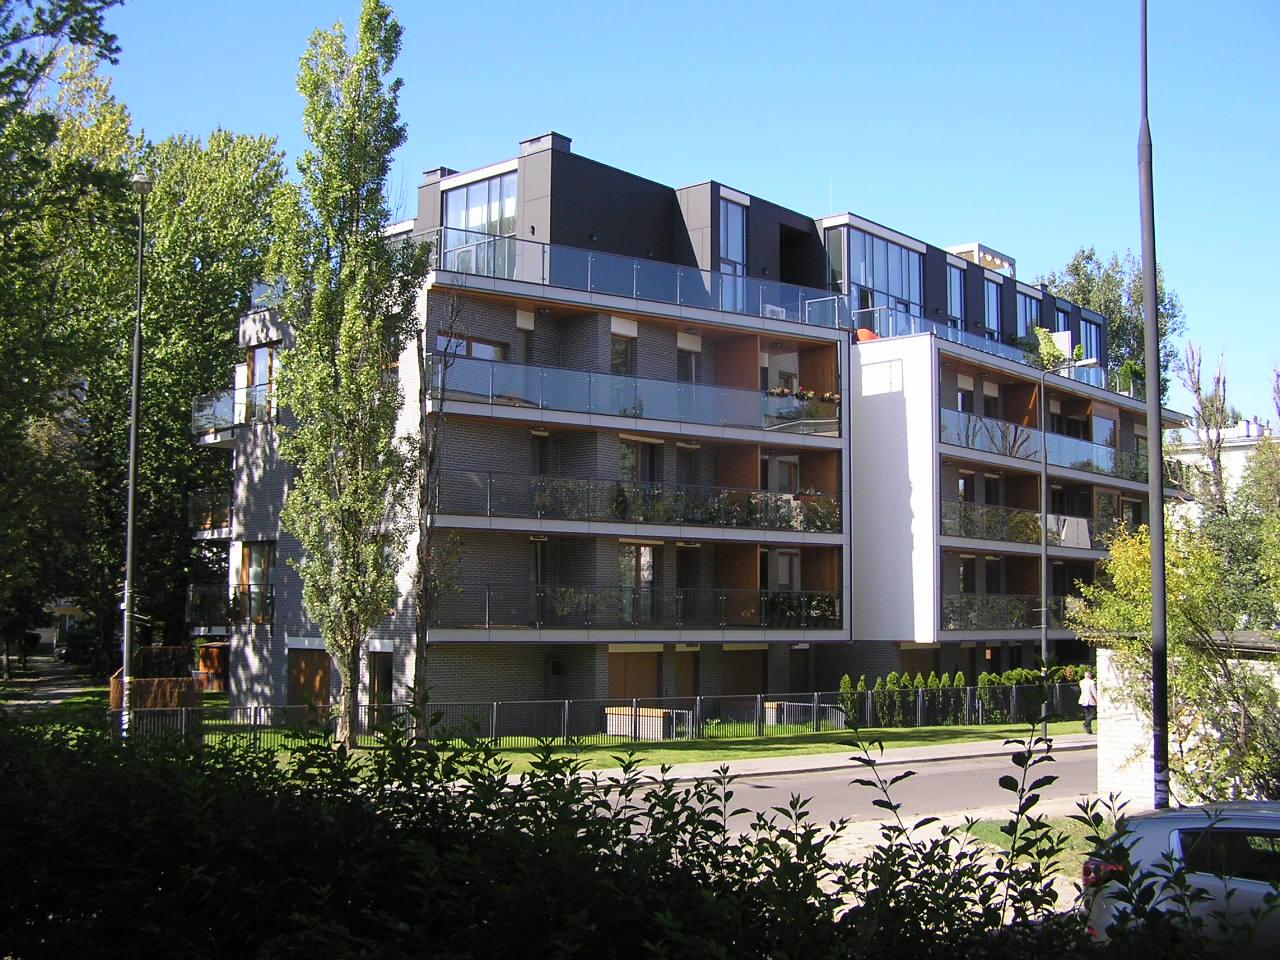 Walewska 4A